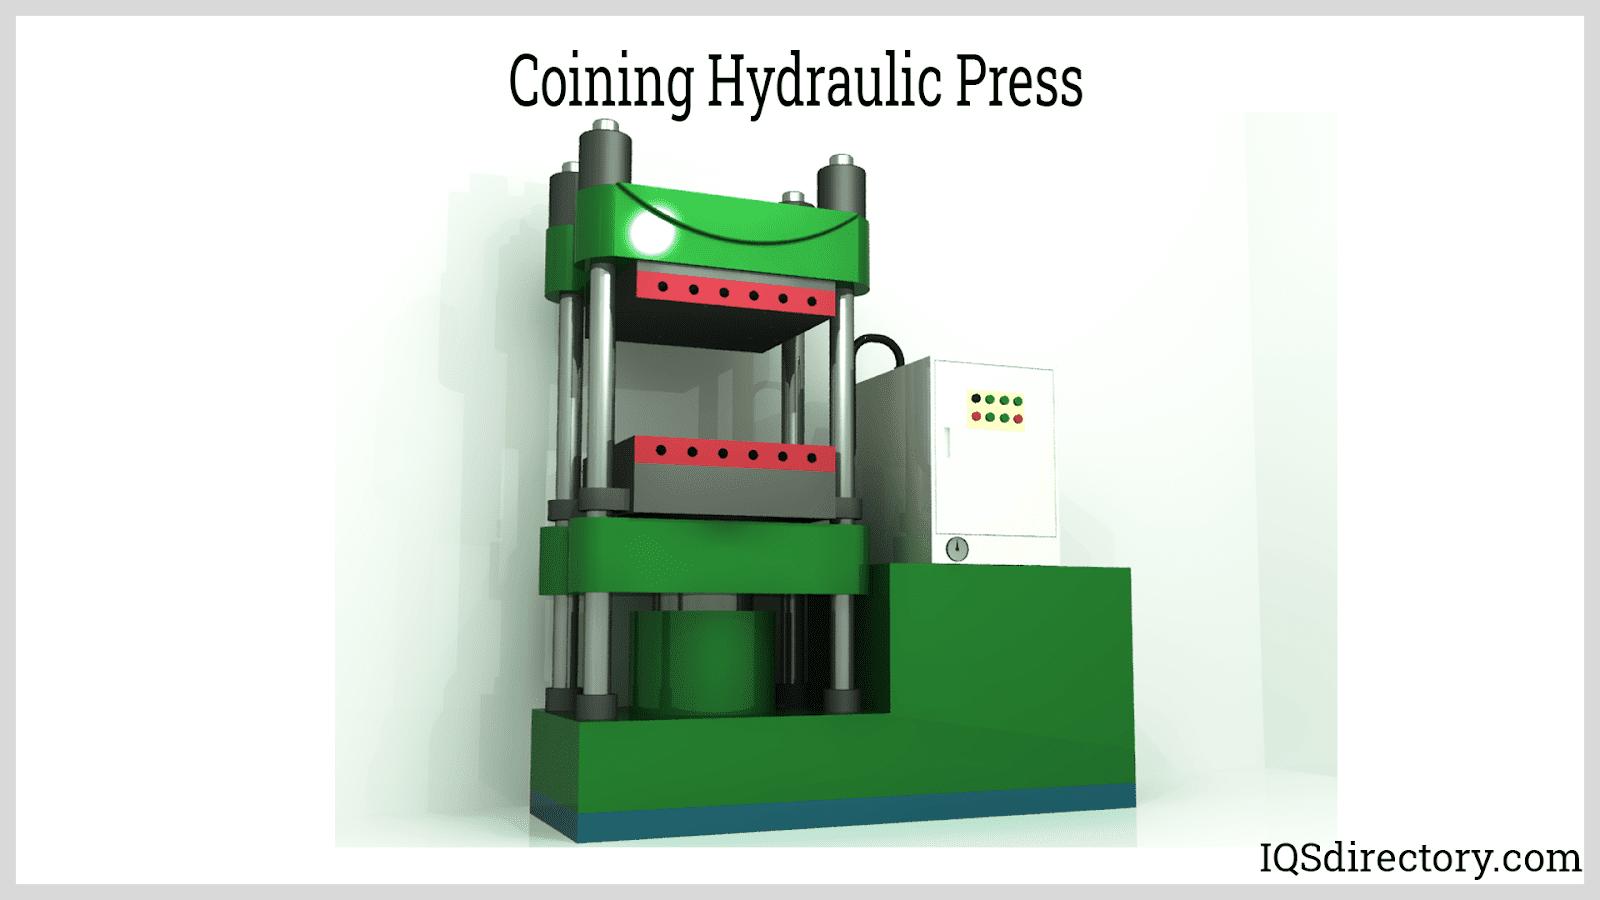 Coining Hydraulic Press